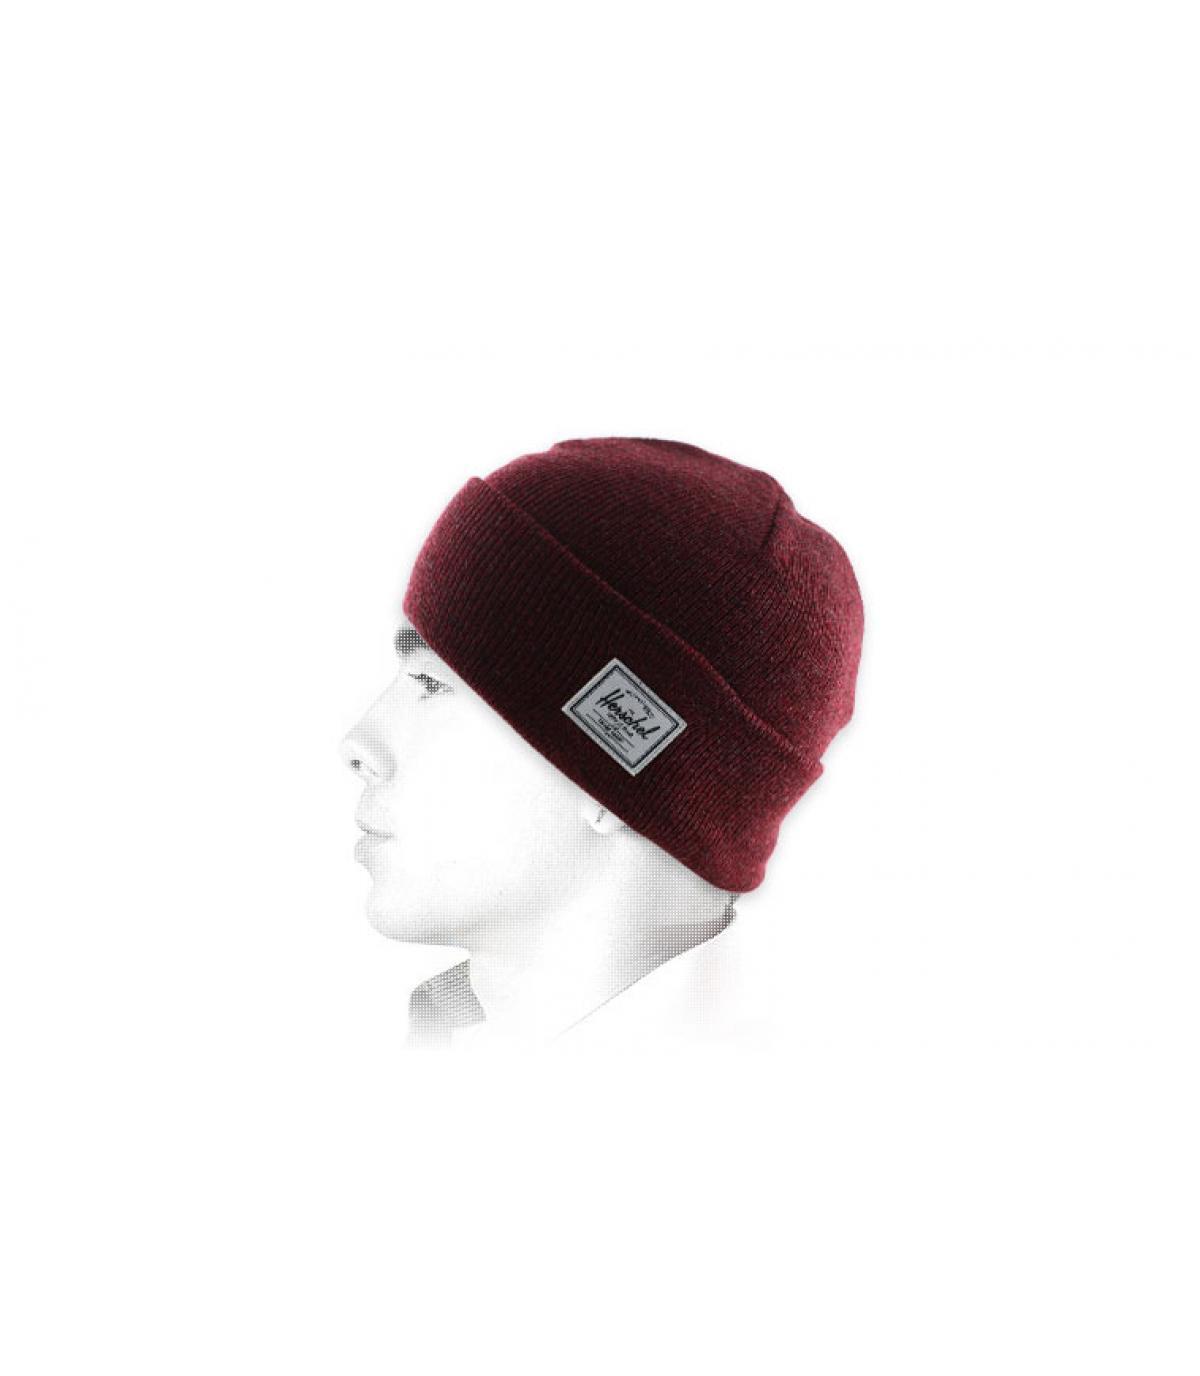 cappello marrone bavero Herschel